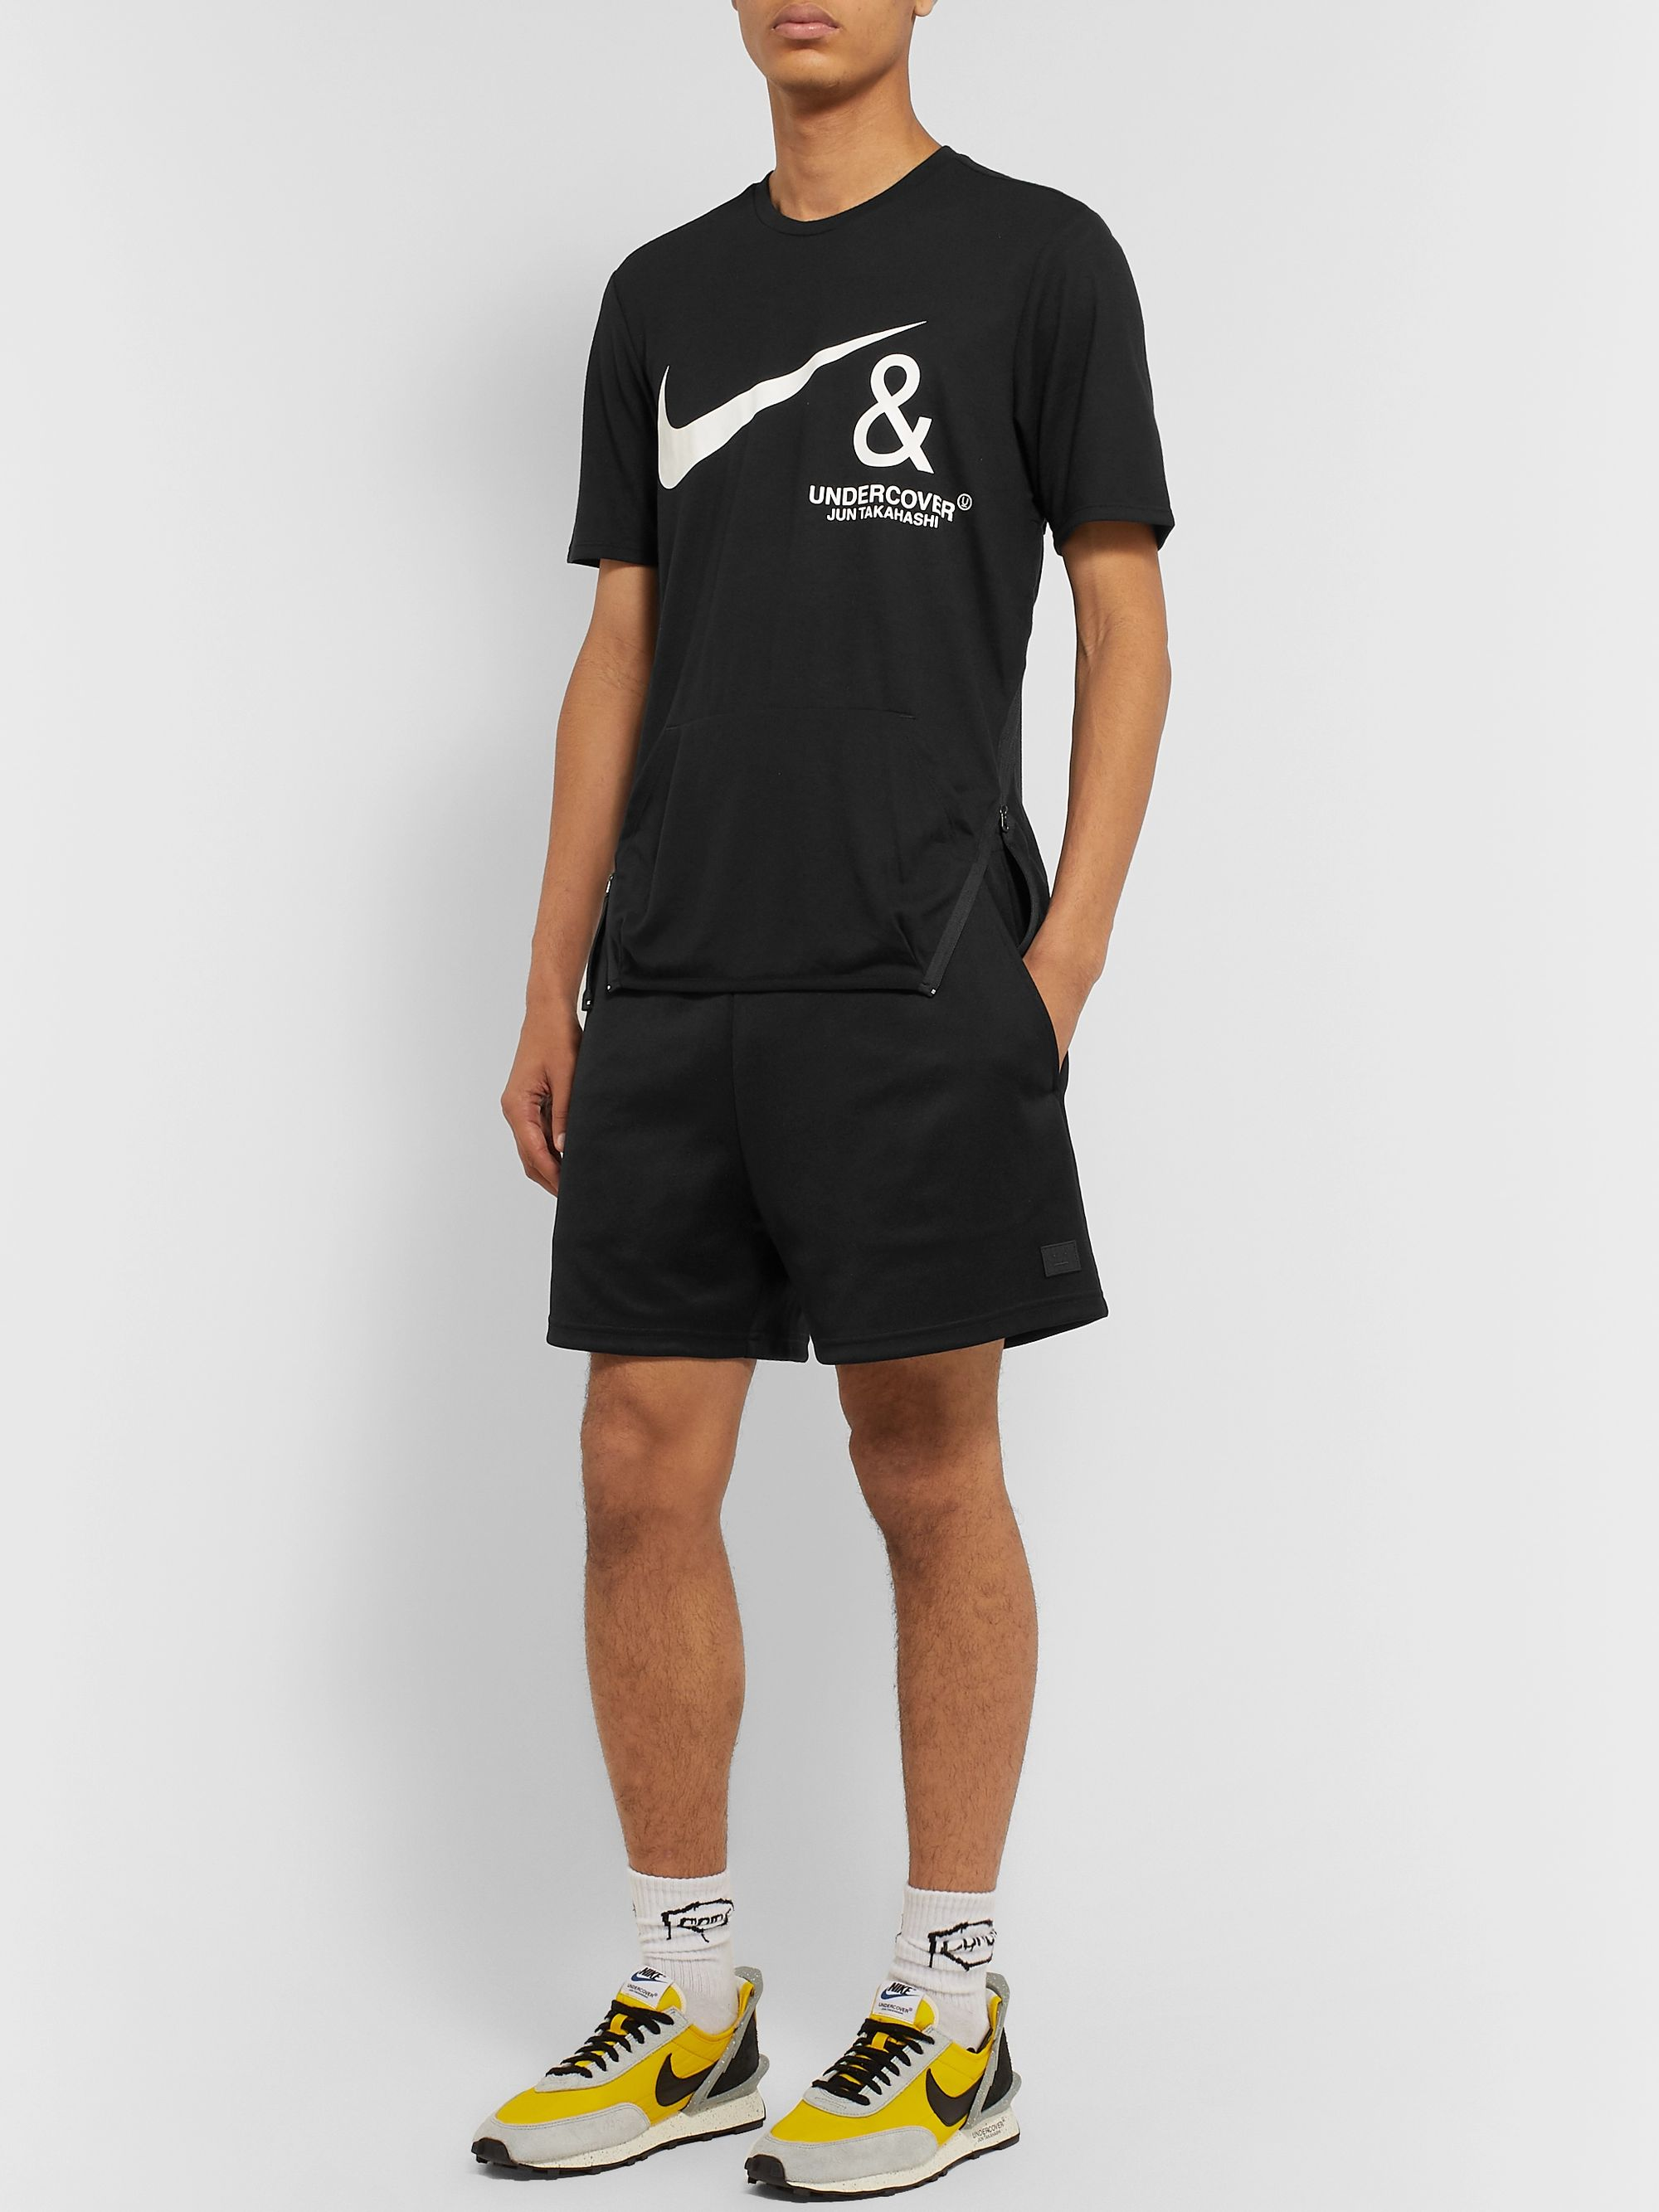 nike shorts & shirt